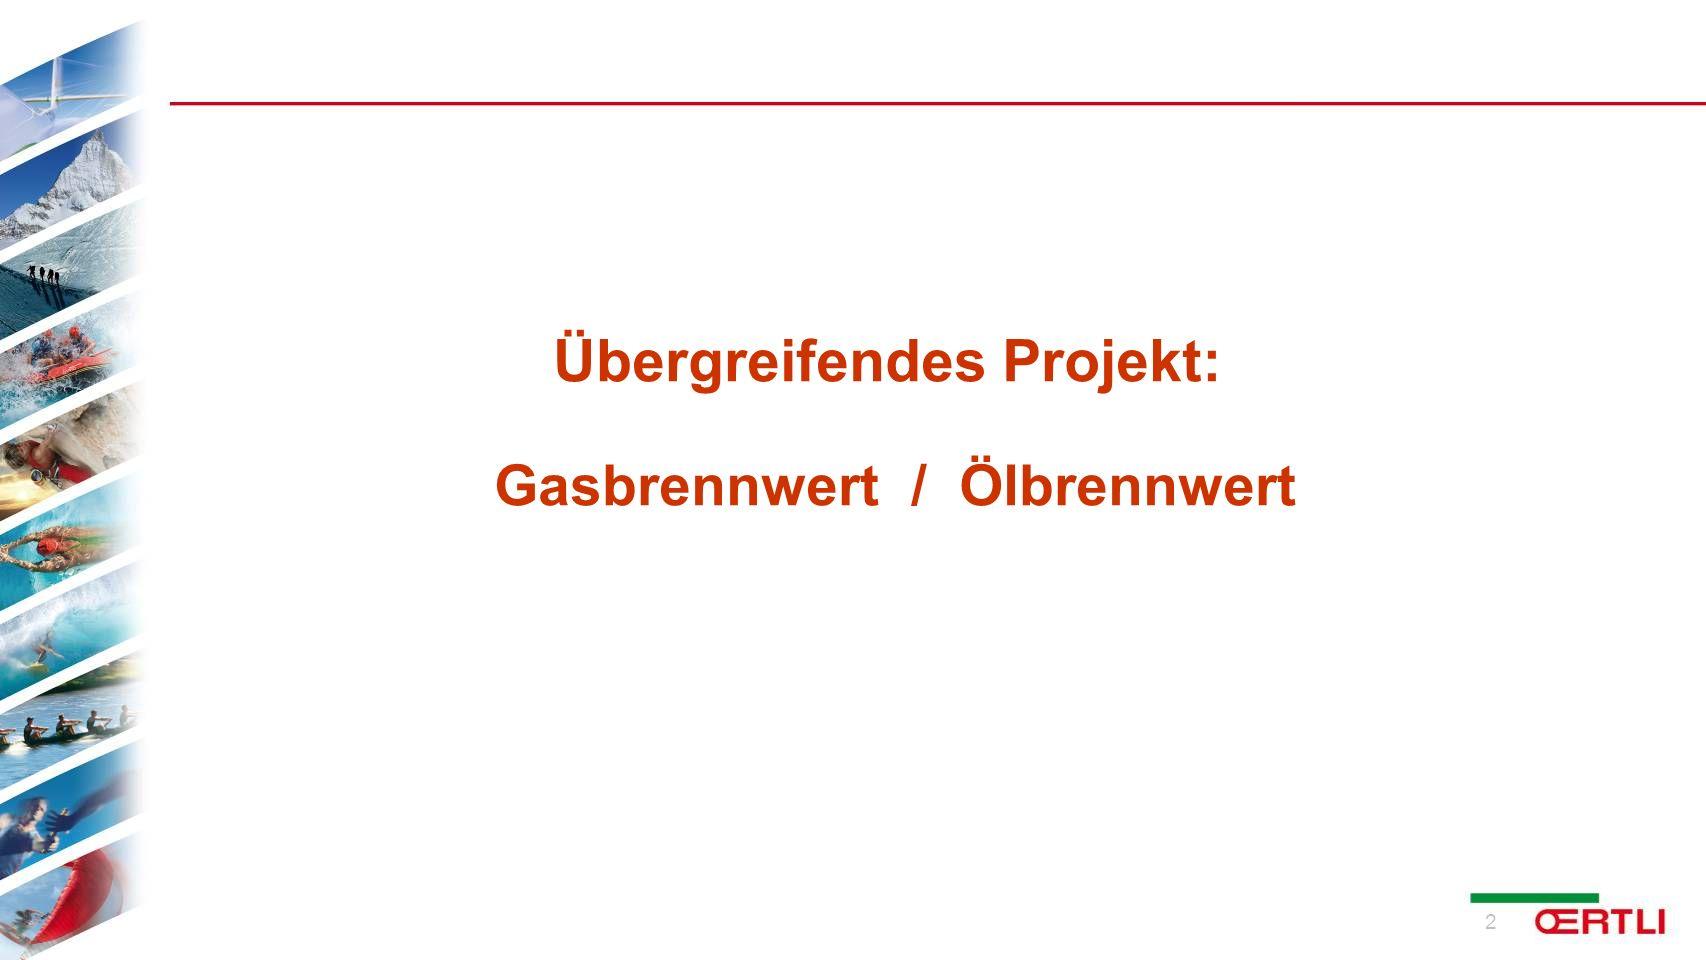 3 Projekt GSCR - OSCR Erstes übergreifendes Multi-Energie Konzept : GSCR Gasbrennwert OSCR Ölbrennwert Modulares Konzept Gleiche Ästhetik Gemeinsame Verkleidungsteile Gemeinsames Speicherprogramm